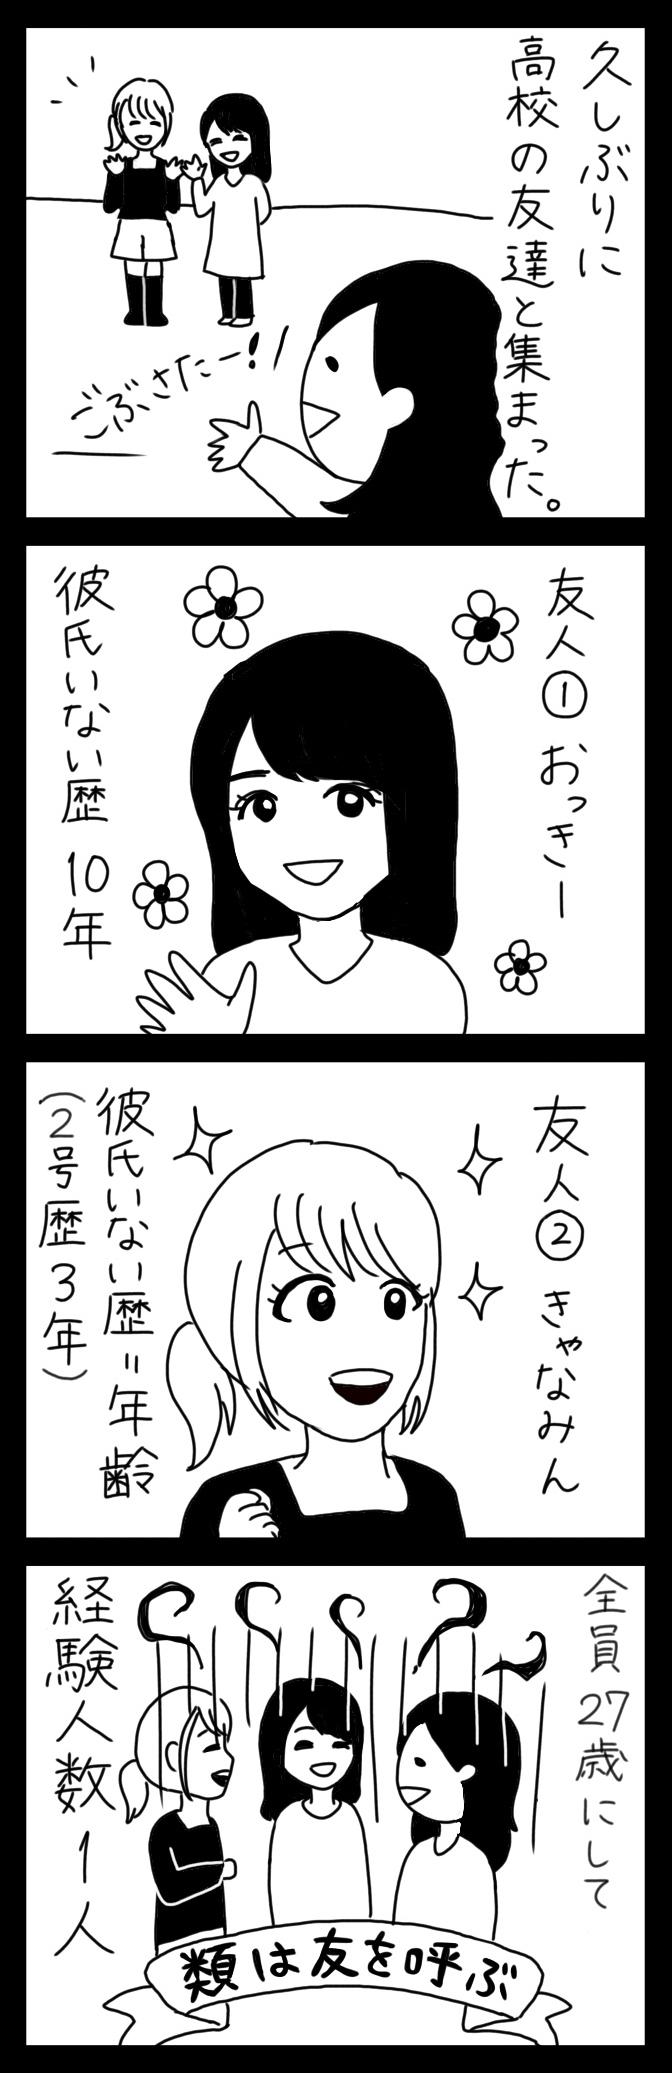 【4コマ漫画】第5回「ビクトリアな日々」作:ビクトリアブラディーヌ